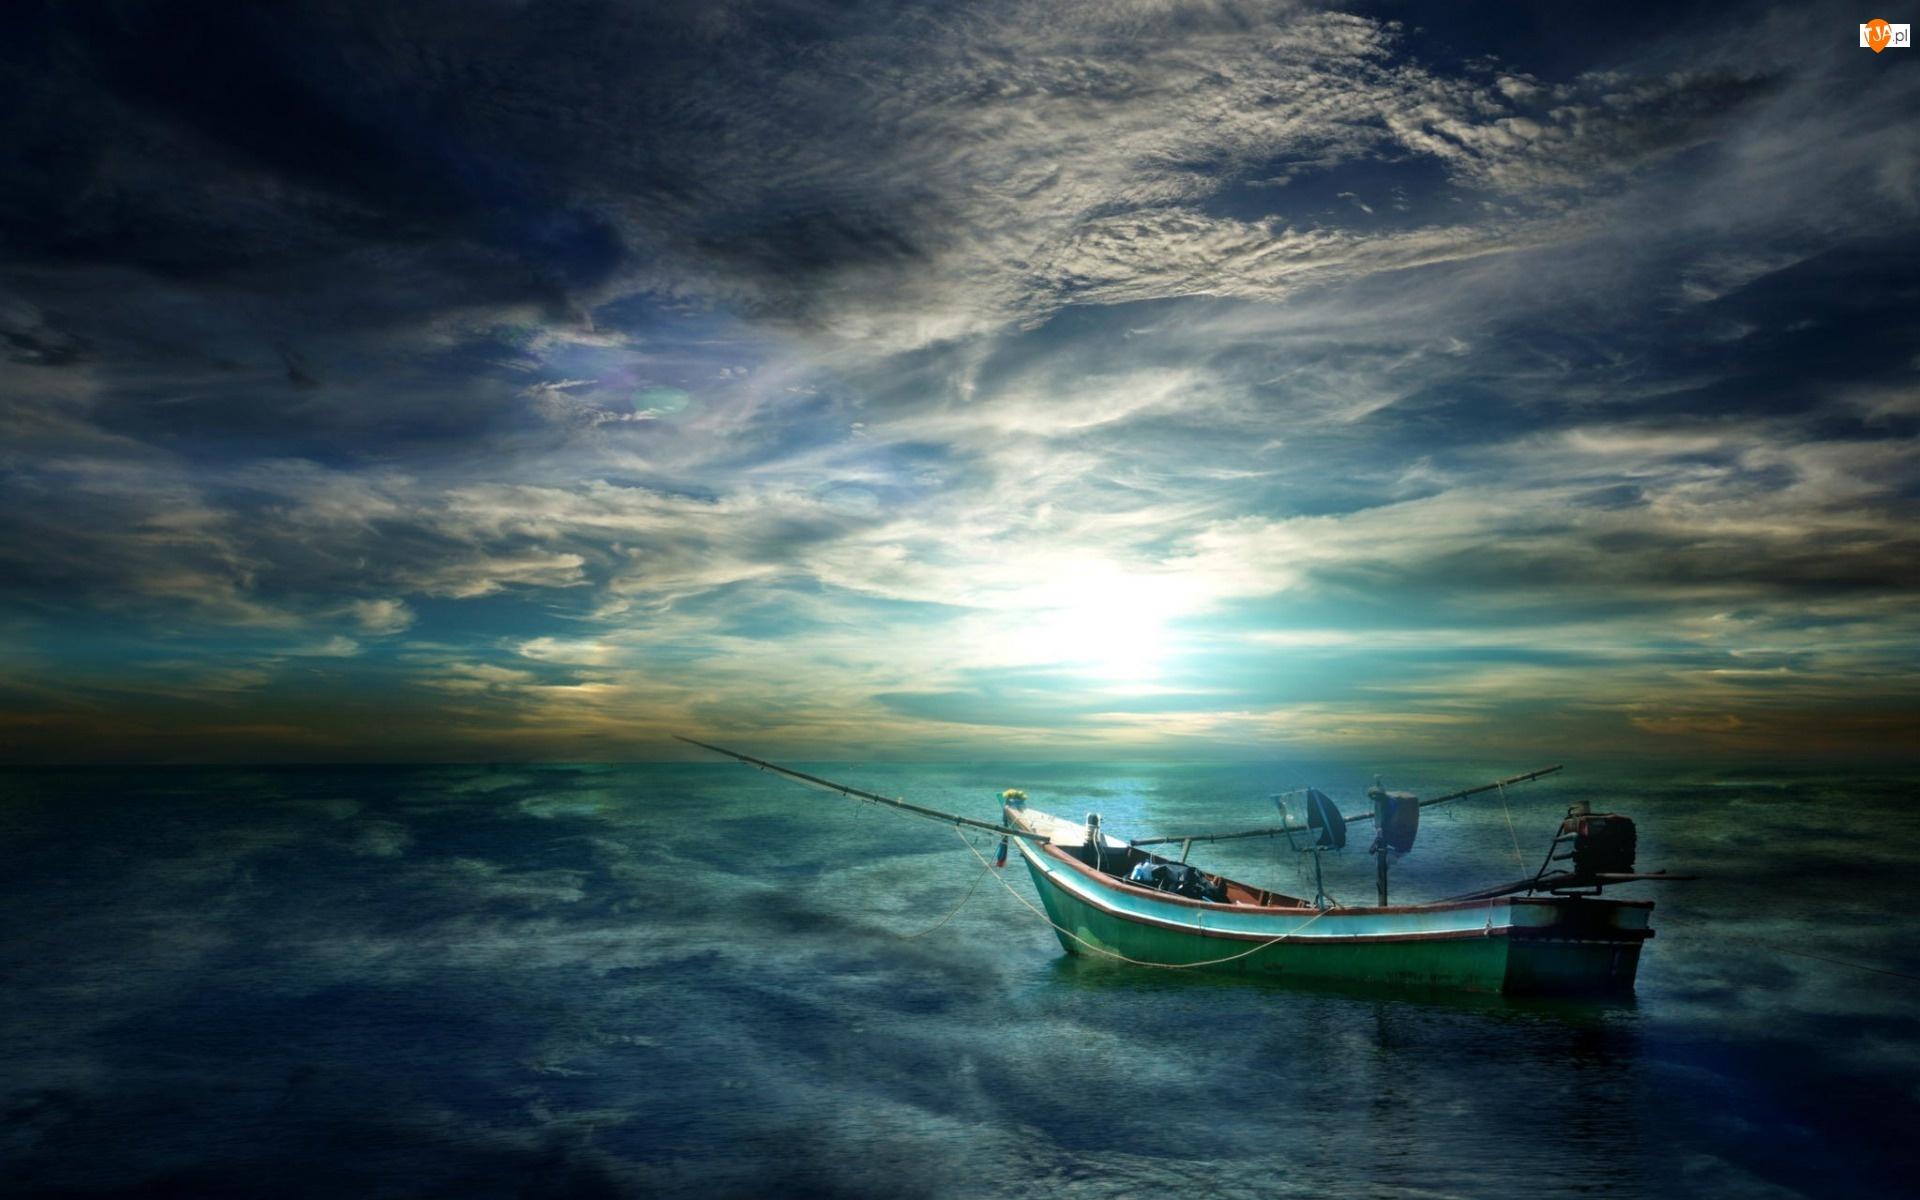 Morze, Ciemne, Łódka, Chmury, Wędki, Fale